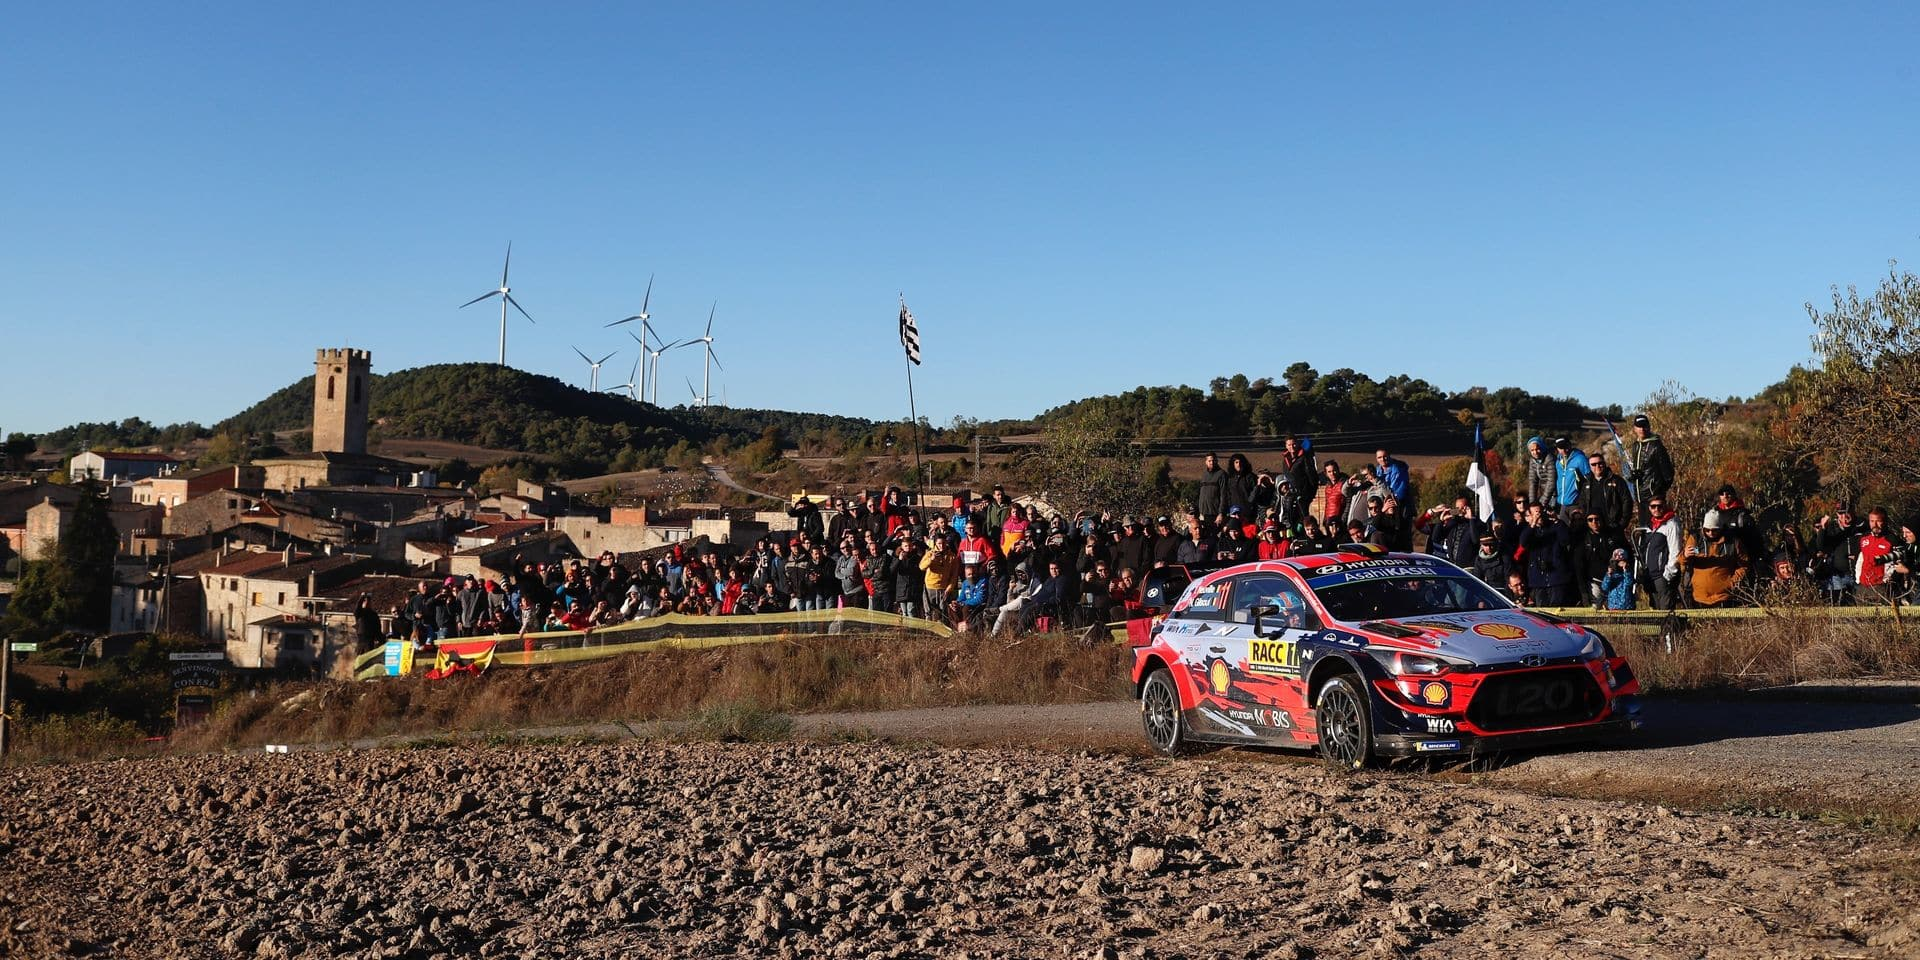 WRC Espagne: Neuville s'envole, Meeke abandonne, Loeb et Sordo doivent surveiller le retour de Tanak